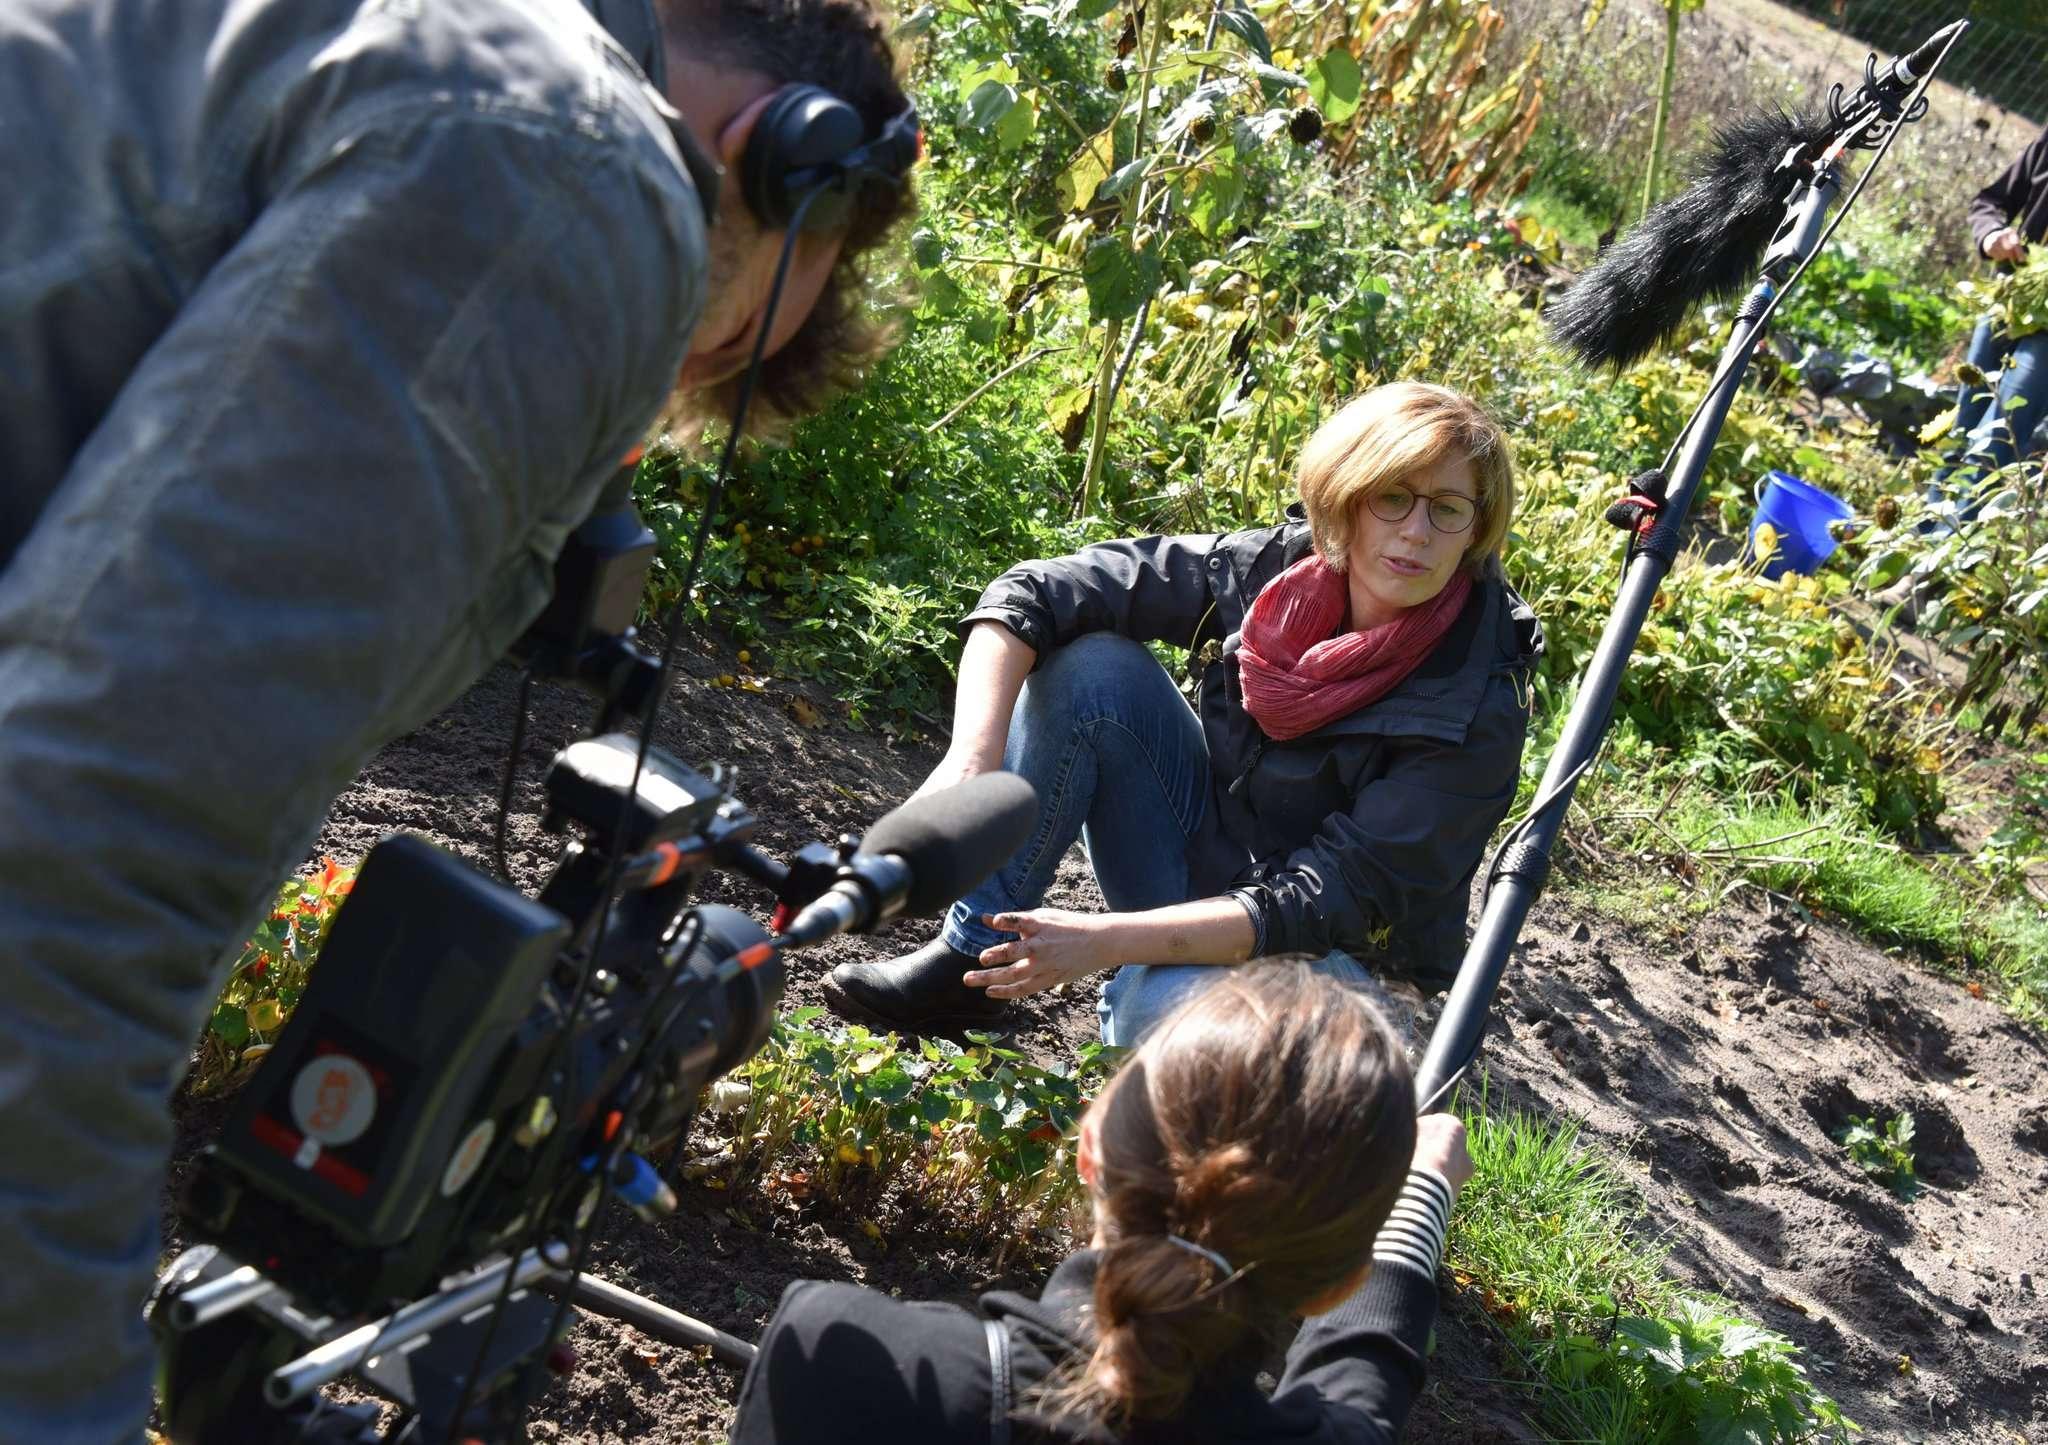 Gärtnern vor der Kamera: Inga Hoops steht dem Medien-Team an der Kapuzinerkresse Rede und Antwort zum Erlebnis Saisongarten.